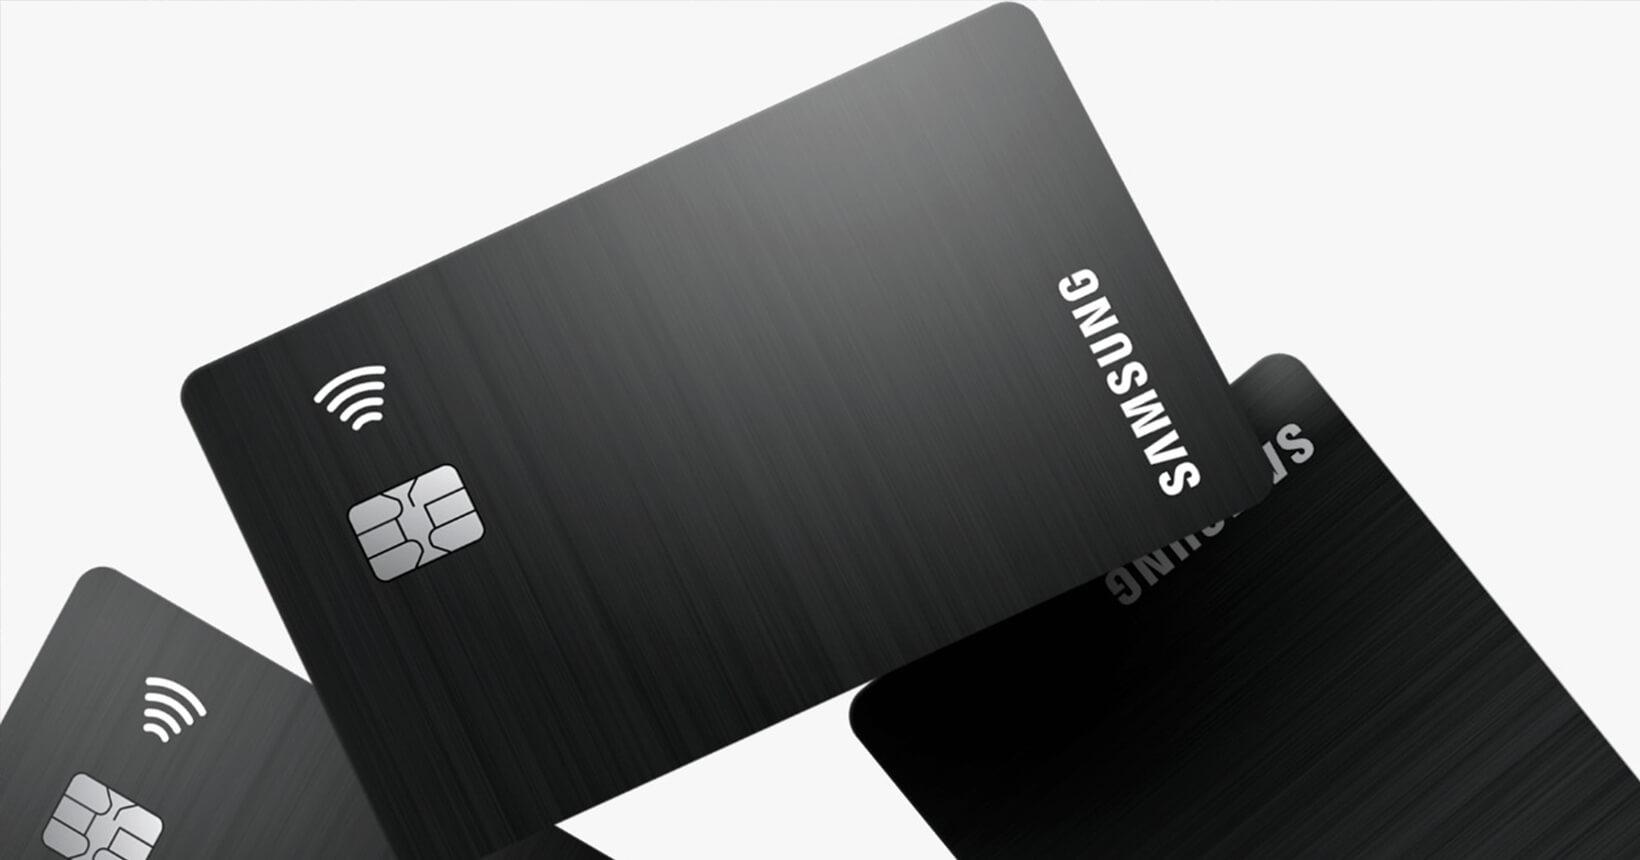 Cartão de crédito Samsung Itaucard